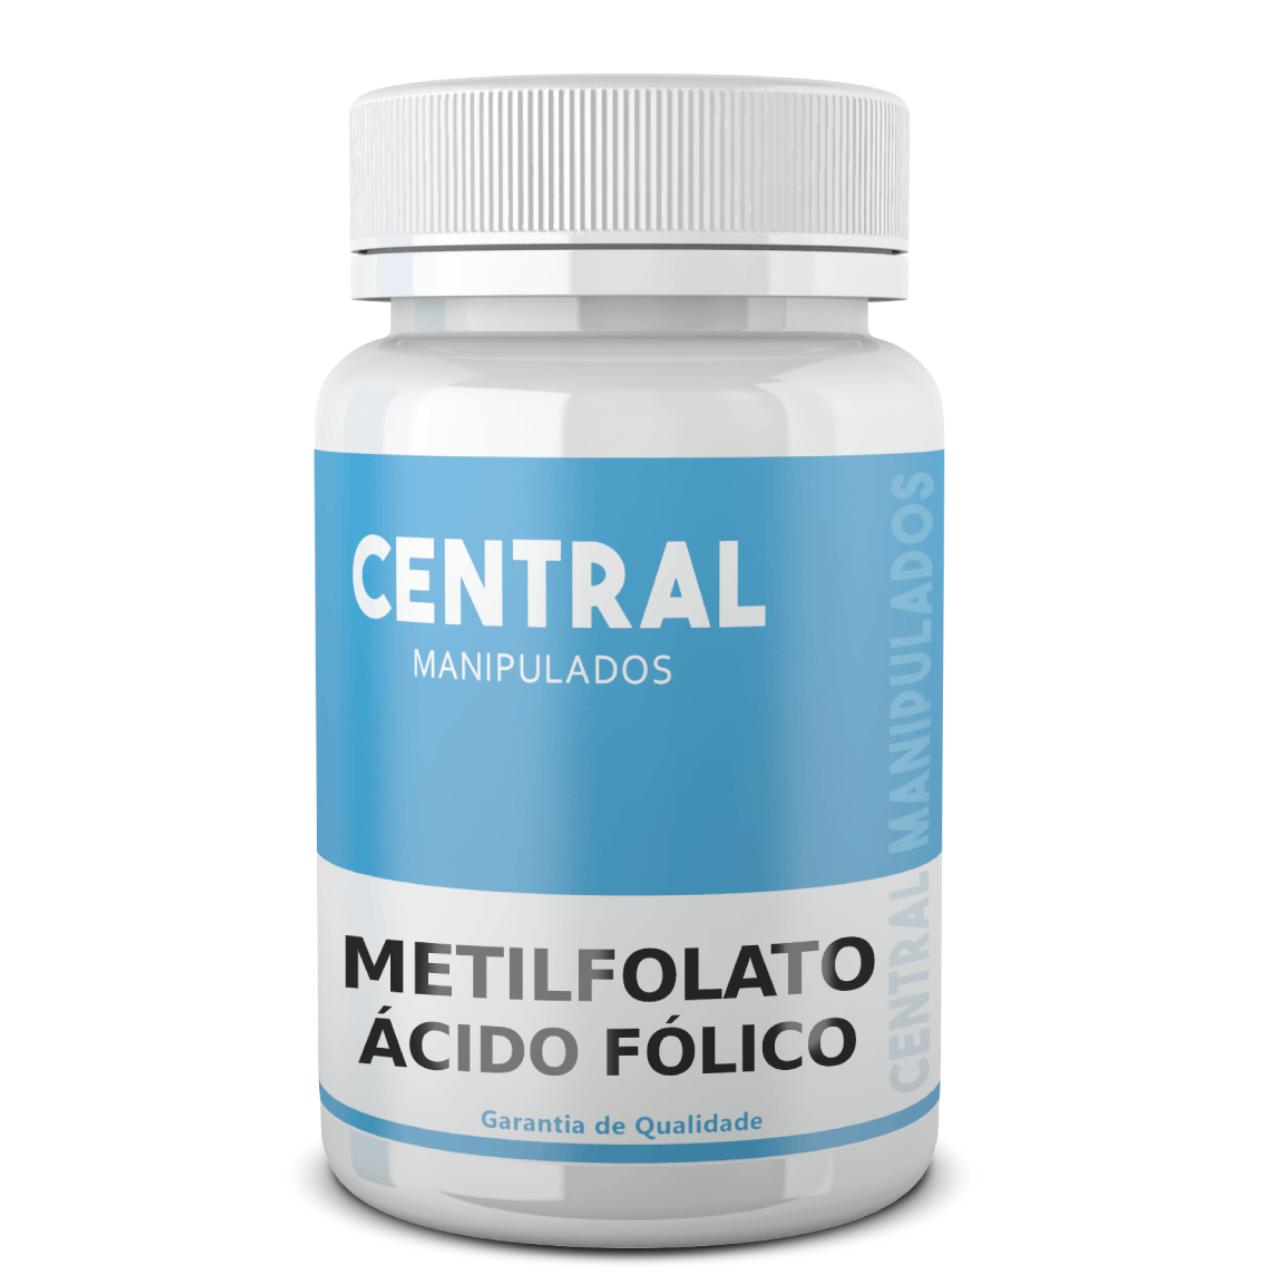 Metilfolato 800 mcg - 120 cápsulas - FORMA ATIVO DO ÁCIDO FÓLICO